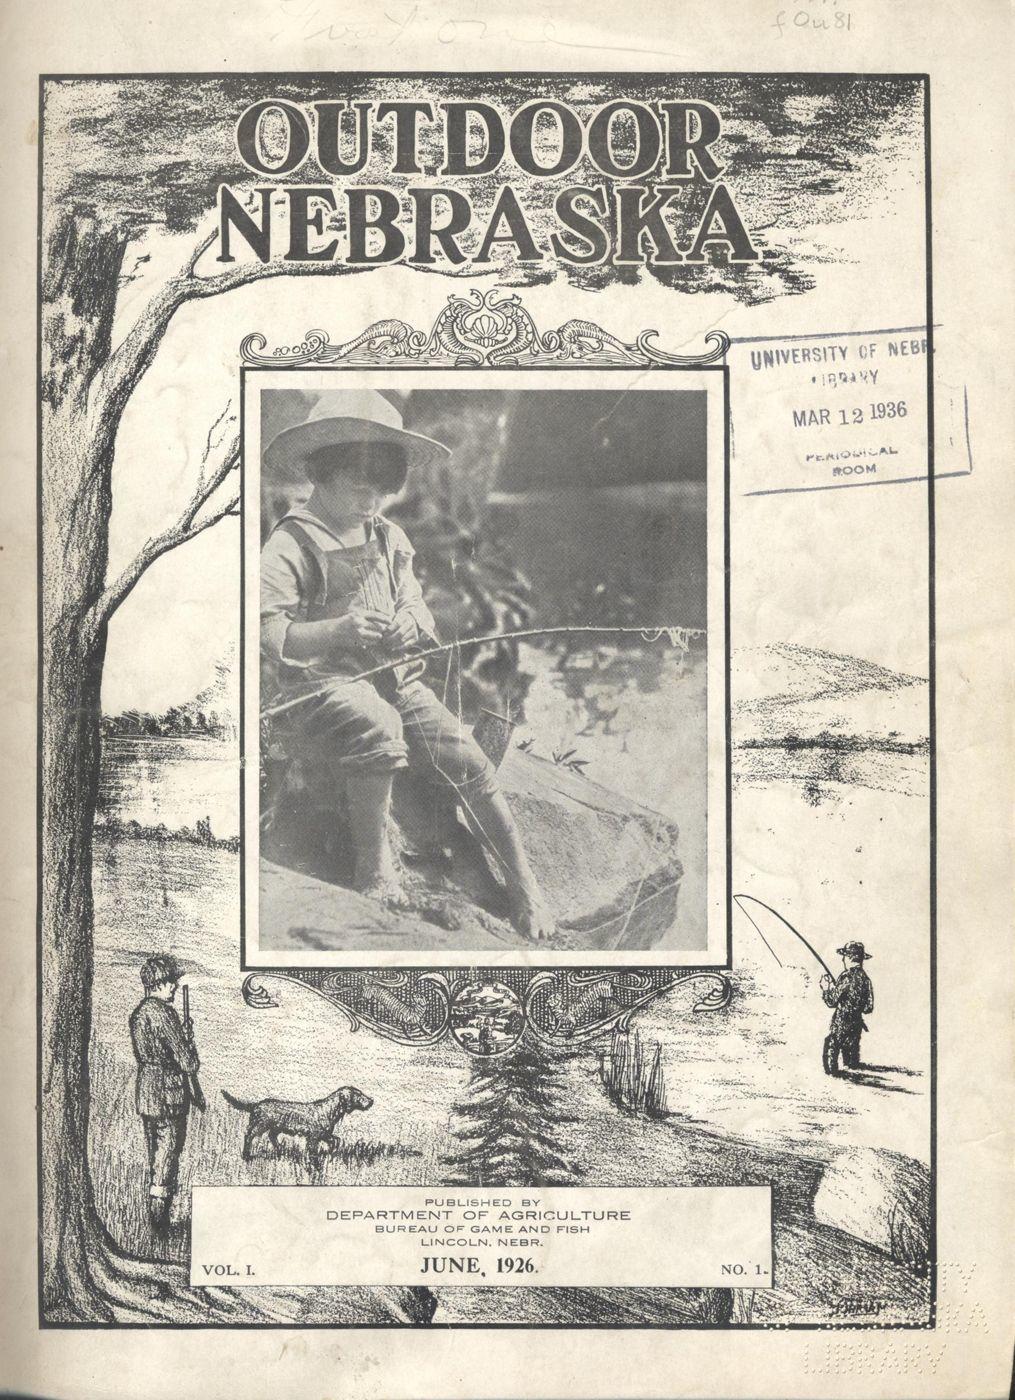 June 1926: Nebraskaland Digital archive